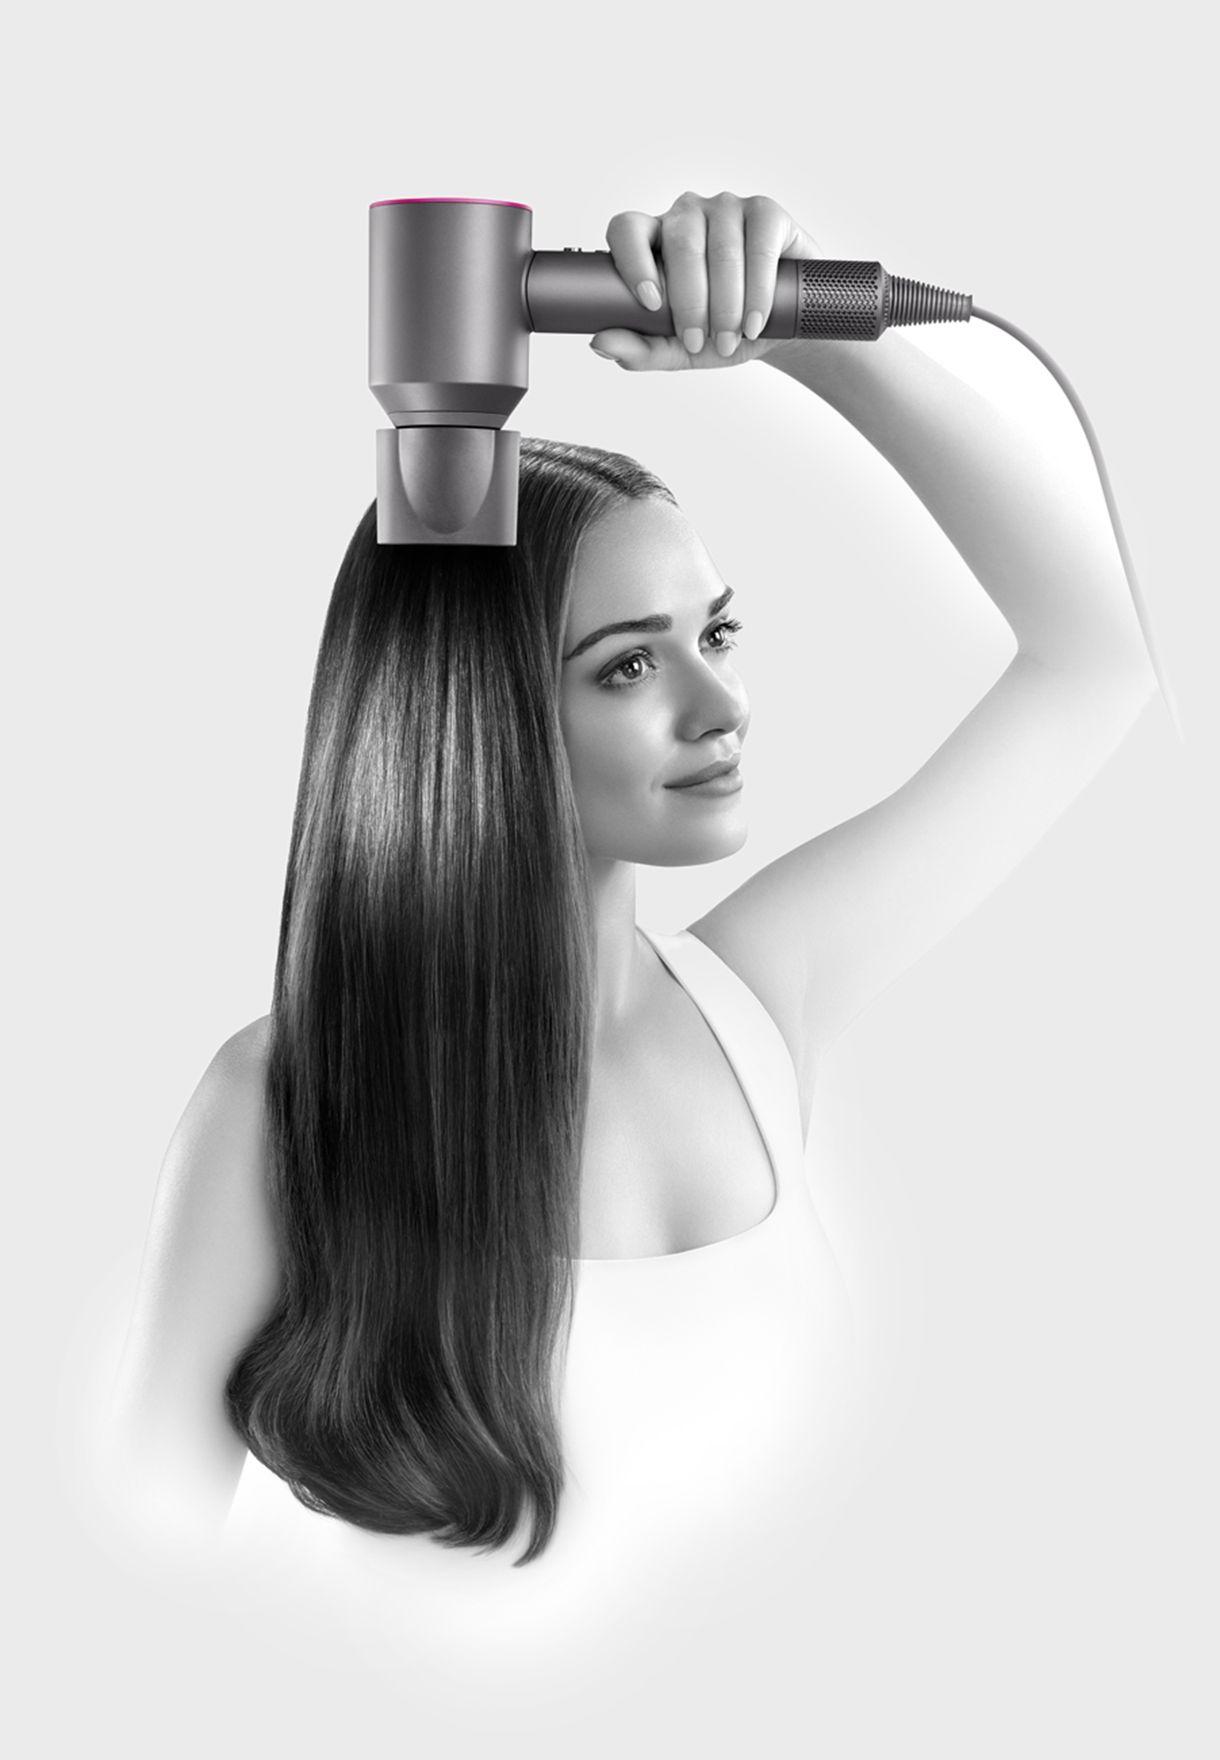 مجفف شعر سوبر سونيك + ملحق اضافي - وردي معدني